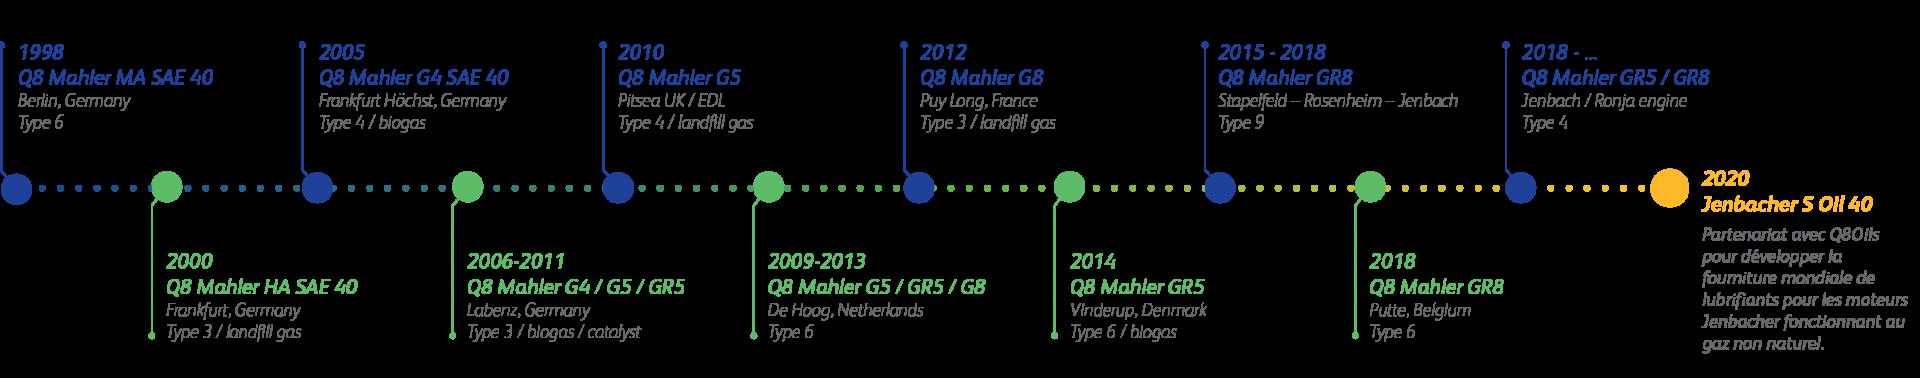 Jenbacher Q8Oils Timeline